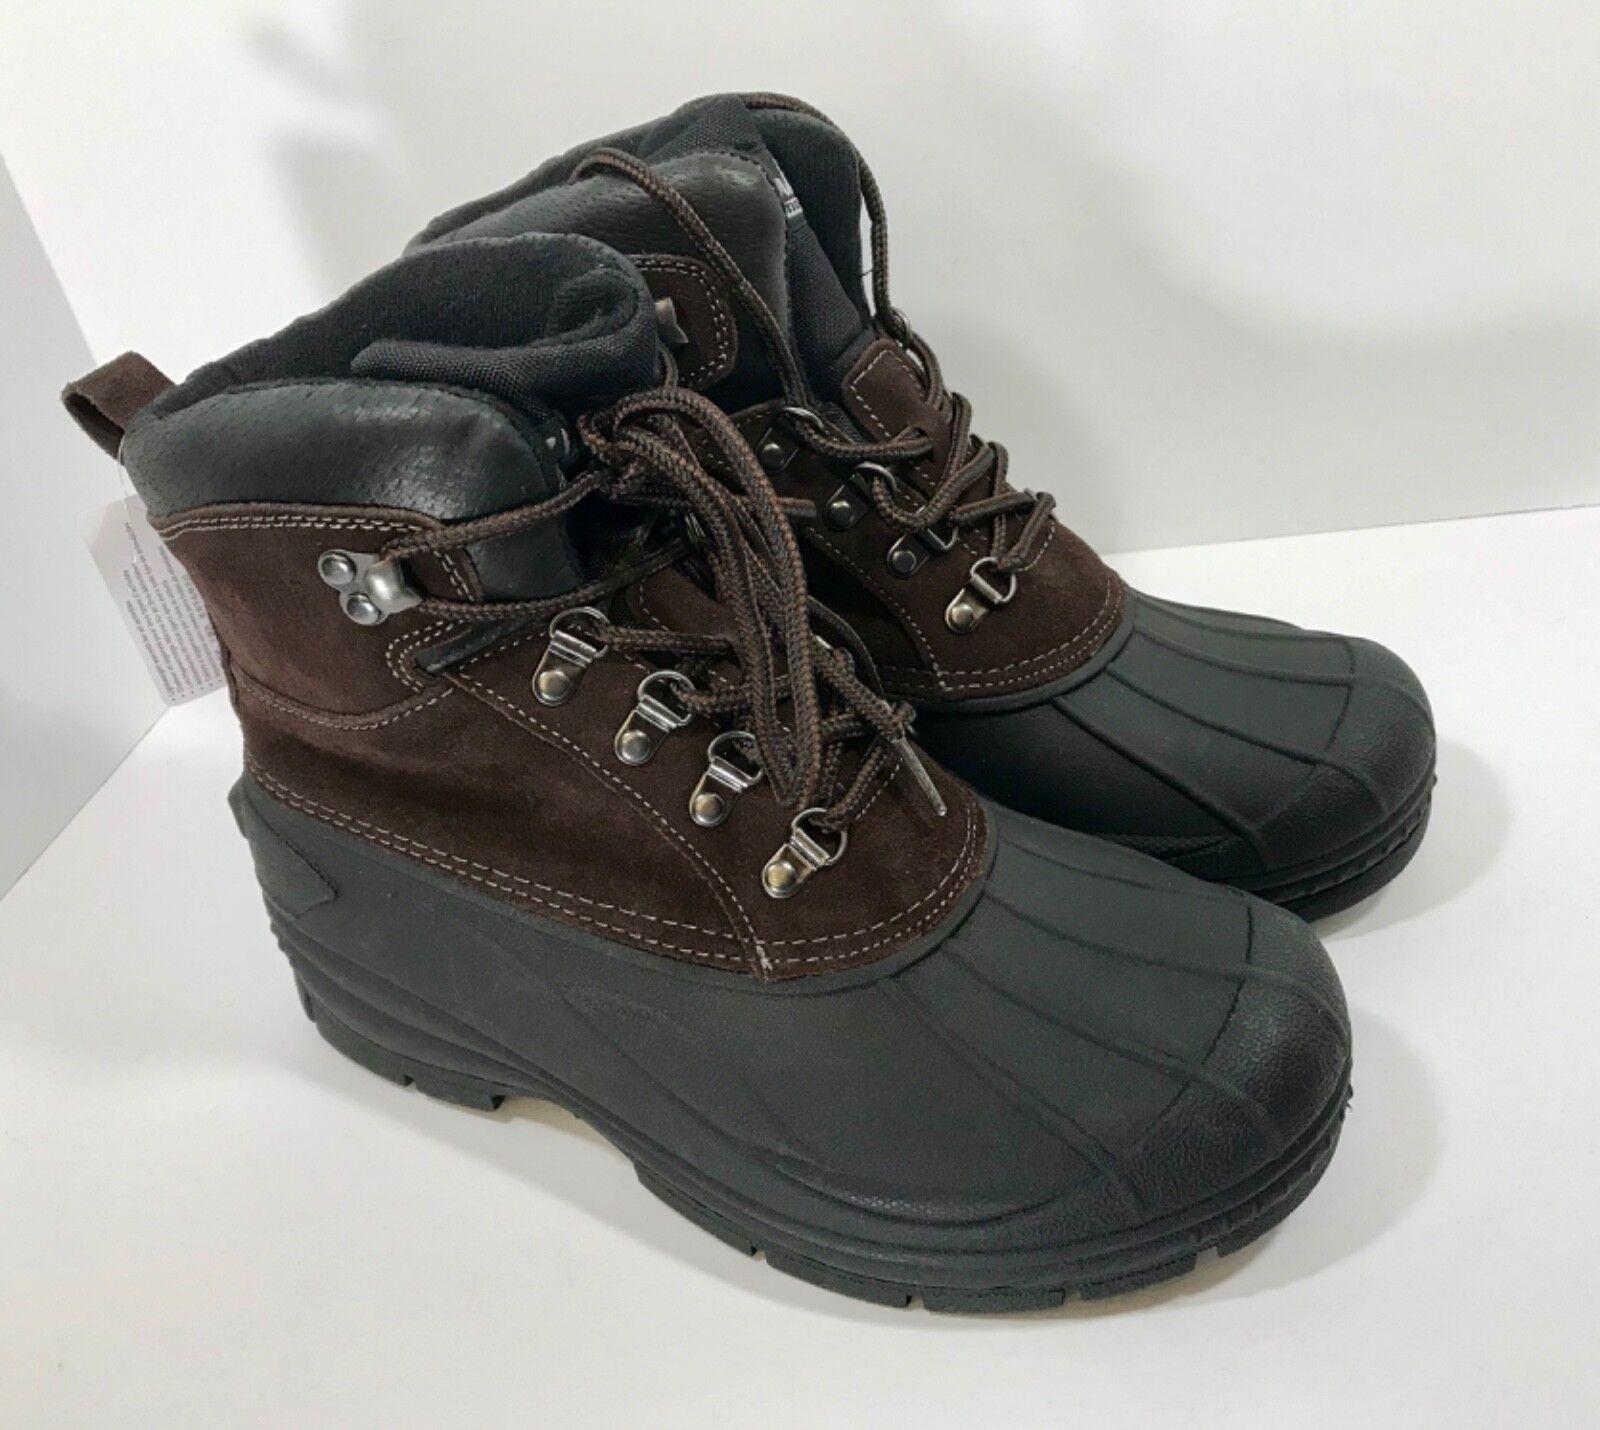 New Clarks Waterproof Winter Duck Boots Men's Size 8 Black Brown Suede